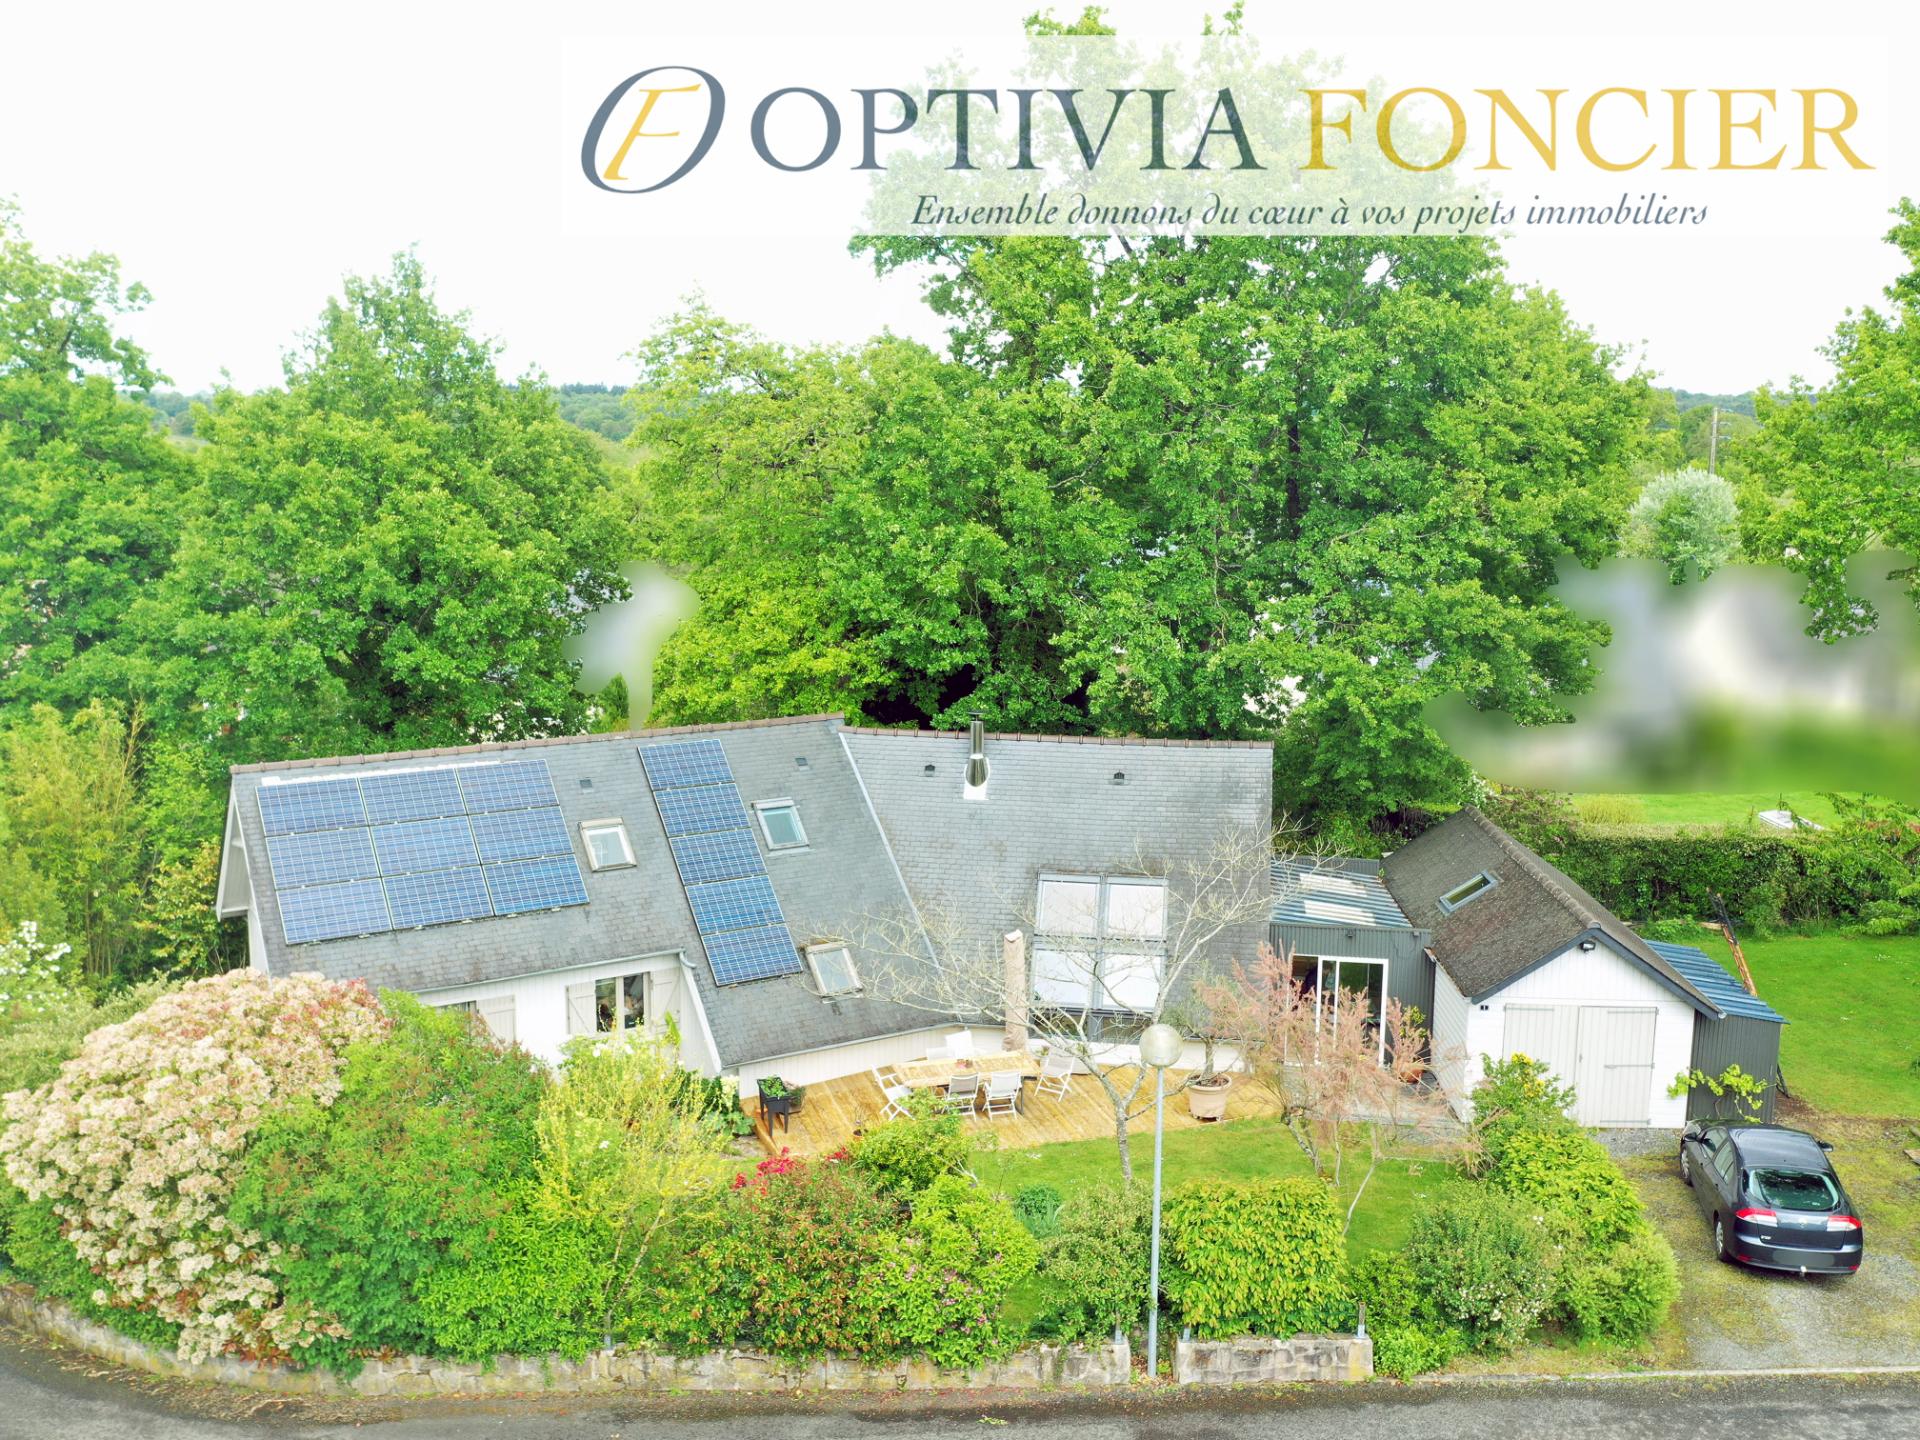 Maison Lassy T6 105 m² - 953 m² de terrain